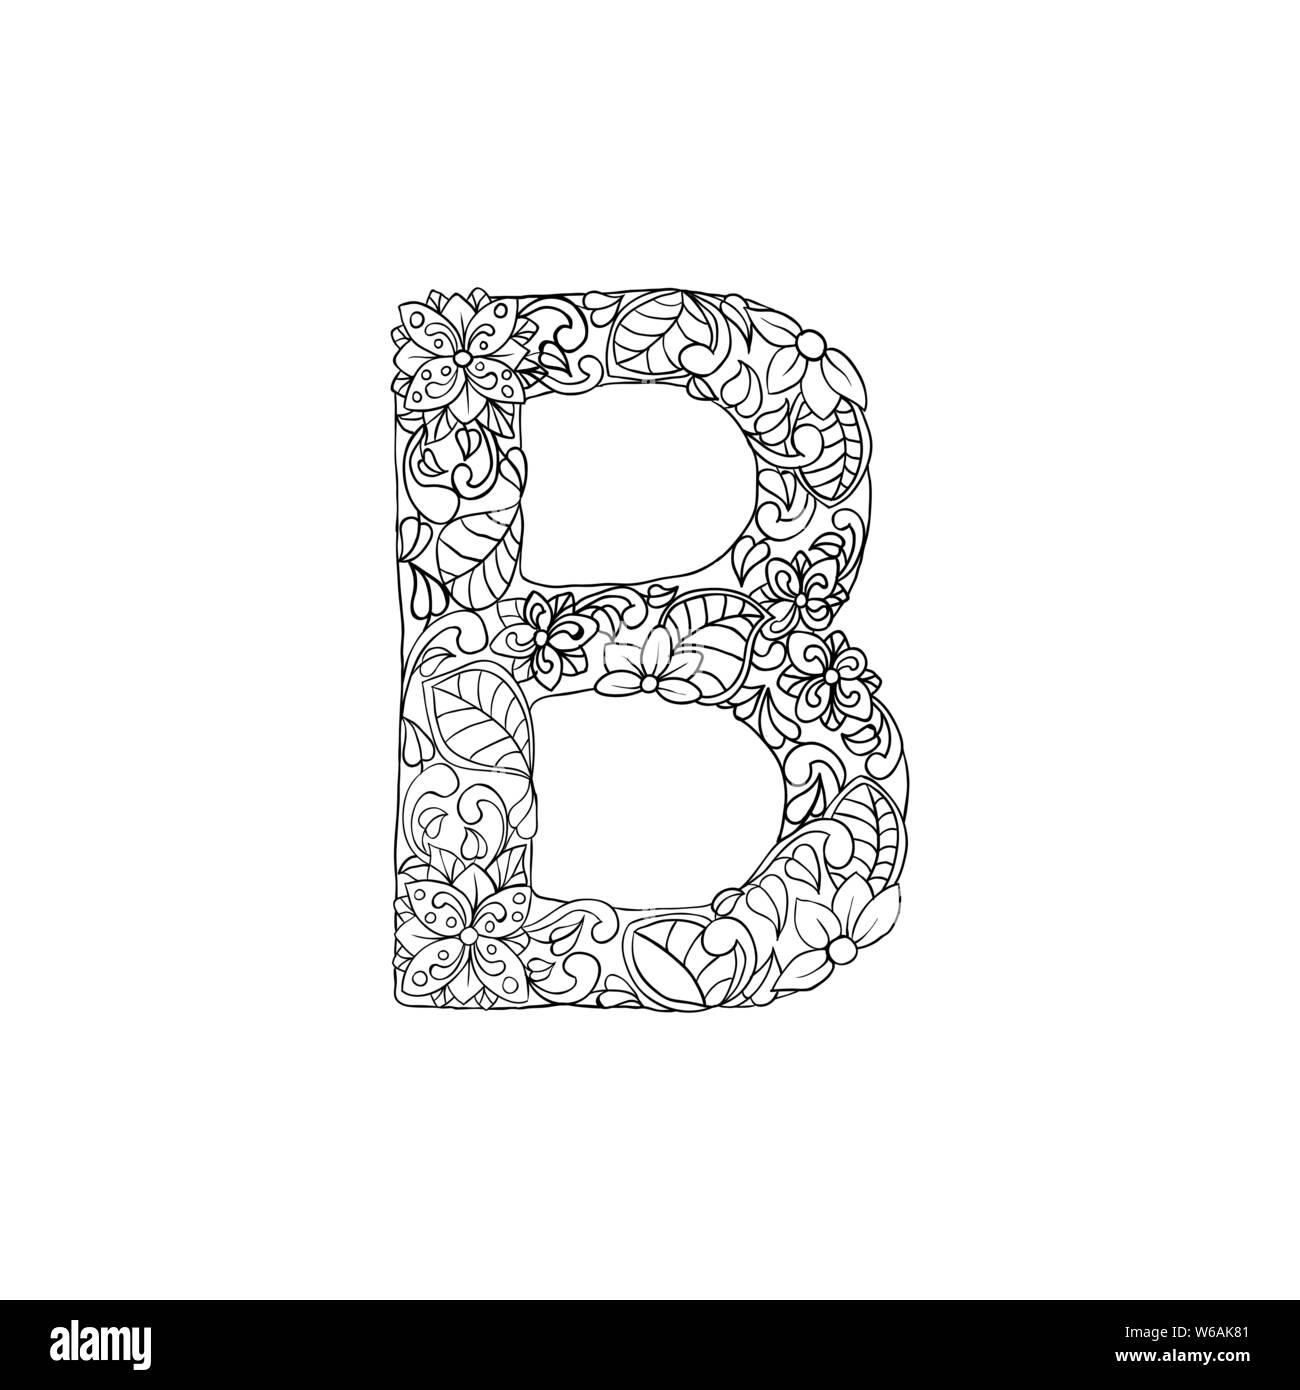 Malvorlagen Blumen Zierpflanzen Alphabet, Anfangsbuchstabe B Font. Vektor Typografie Symbol. Antistress Seite für Erwachsene und Monogramme. Isolierte Poster oder Cover Design Stock Vektor